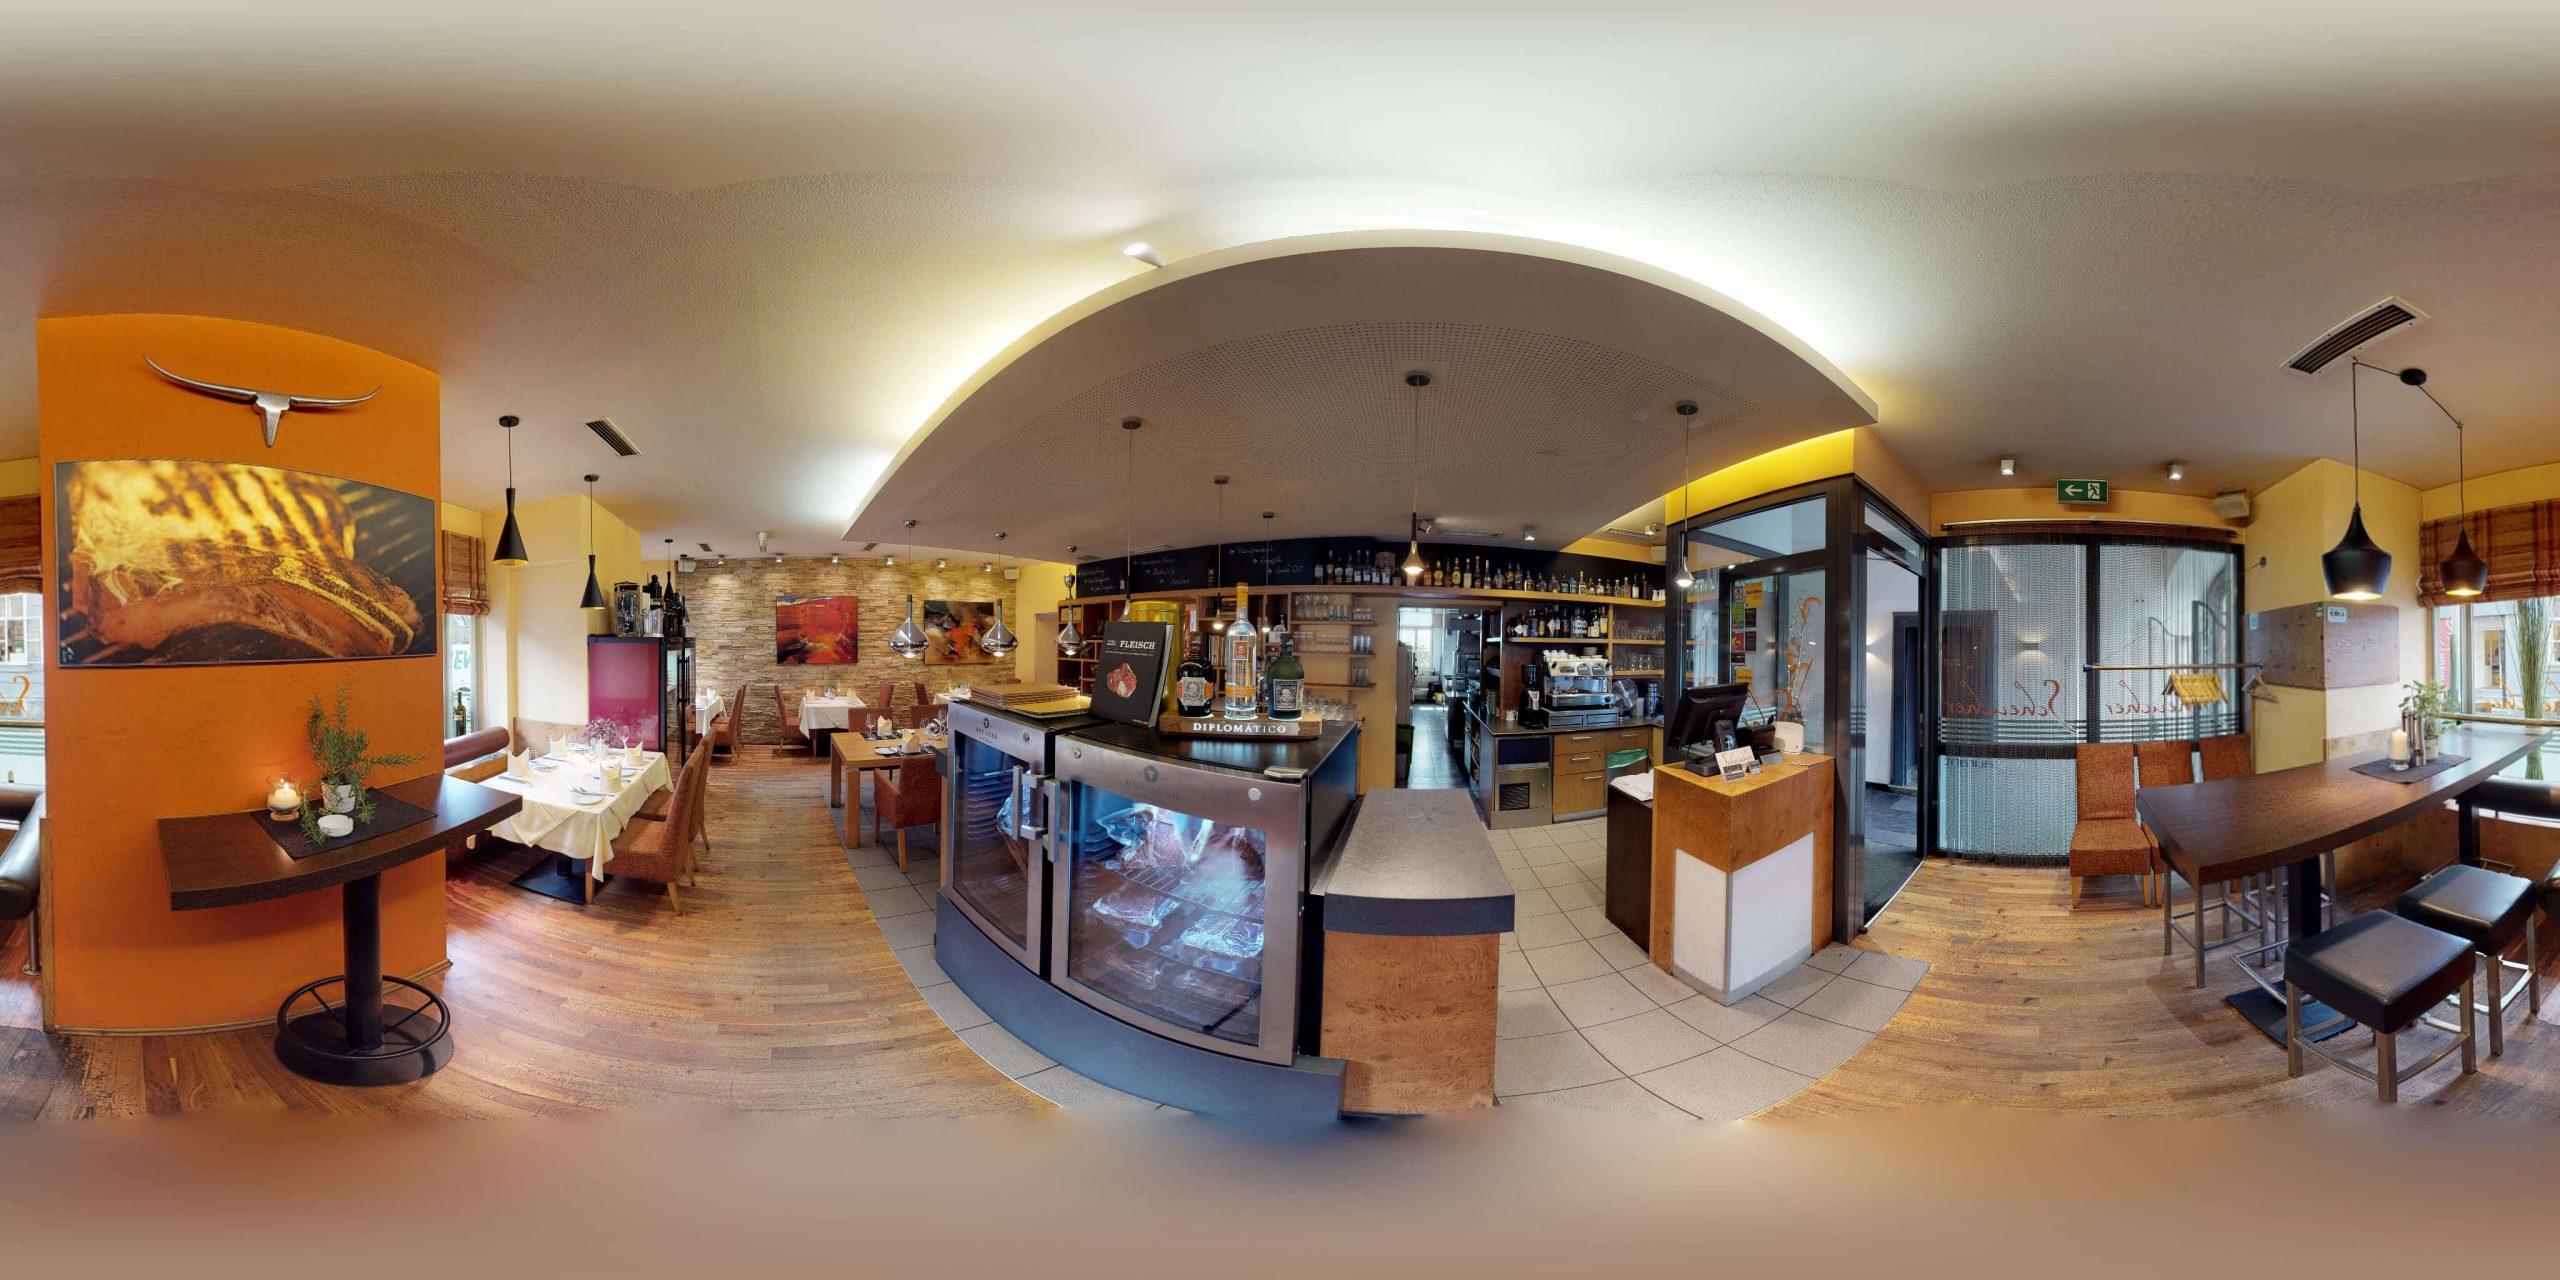 360 Grad Titelbild des Restaurants Scheucher Graz der Branche Gastronomie aus Graz Steiermark Österreich mit Matterport 3D Rundgang und 360 Grad Rundgang für Google StreetView im 3D Branchenverzeichnis